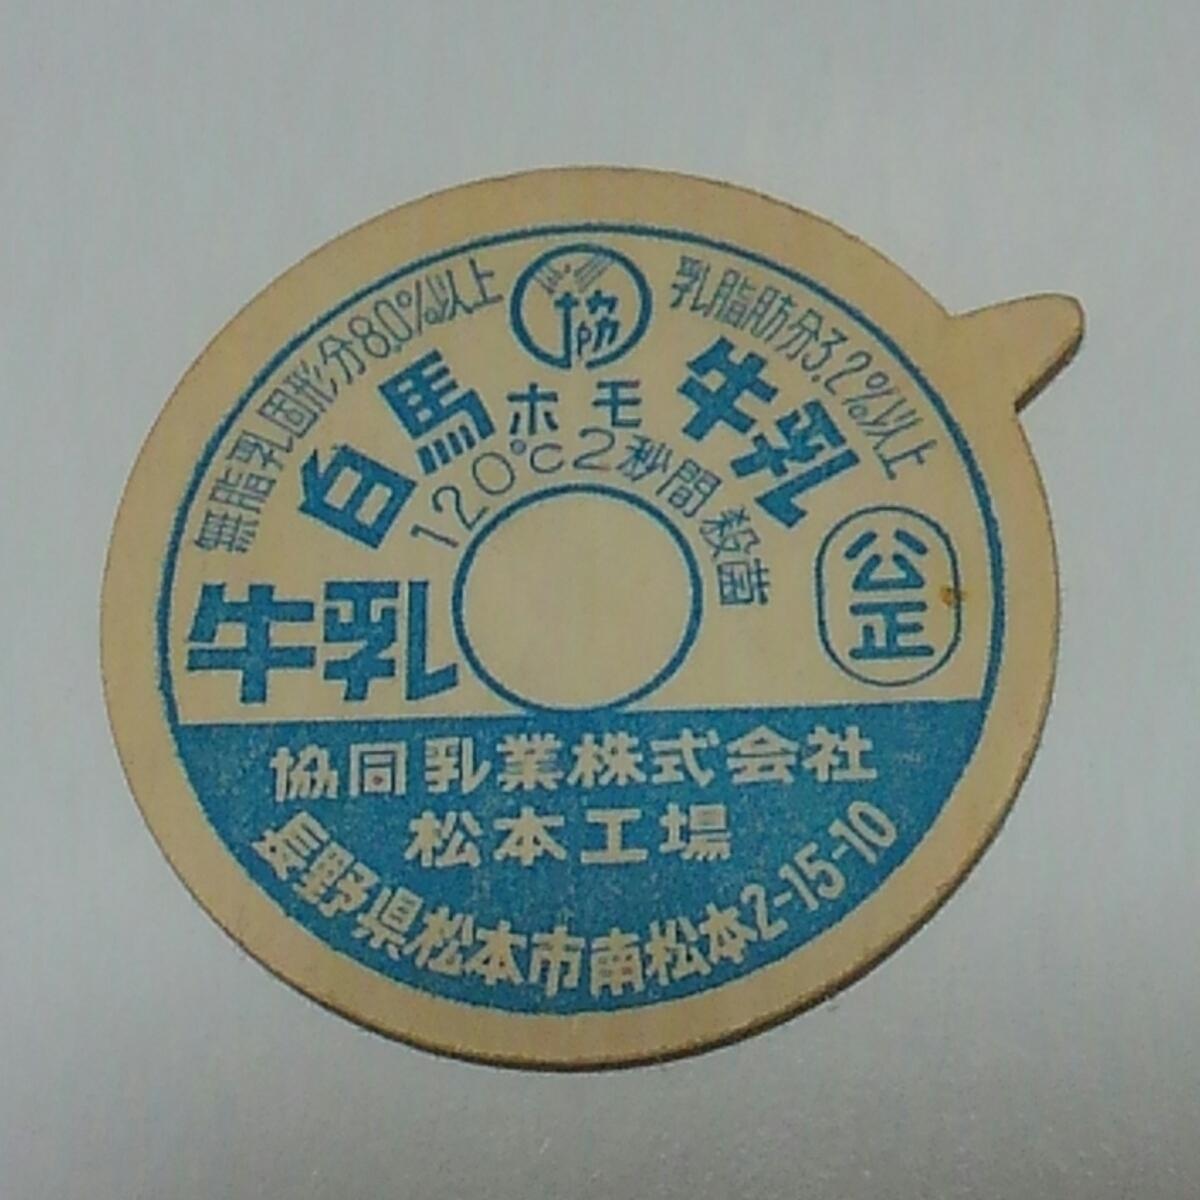 【牛乳キャップ】約35年前 白馬ホモ牛乳 未使用 乳脂肪分3.2%以上 長野県/協同乳業株式会社 松本工場